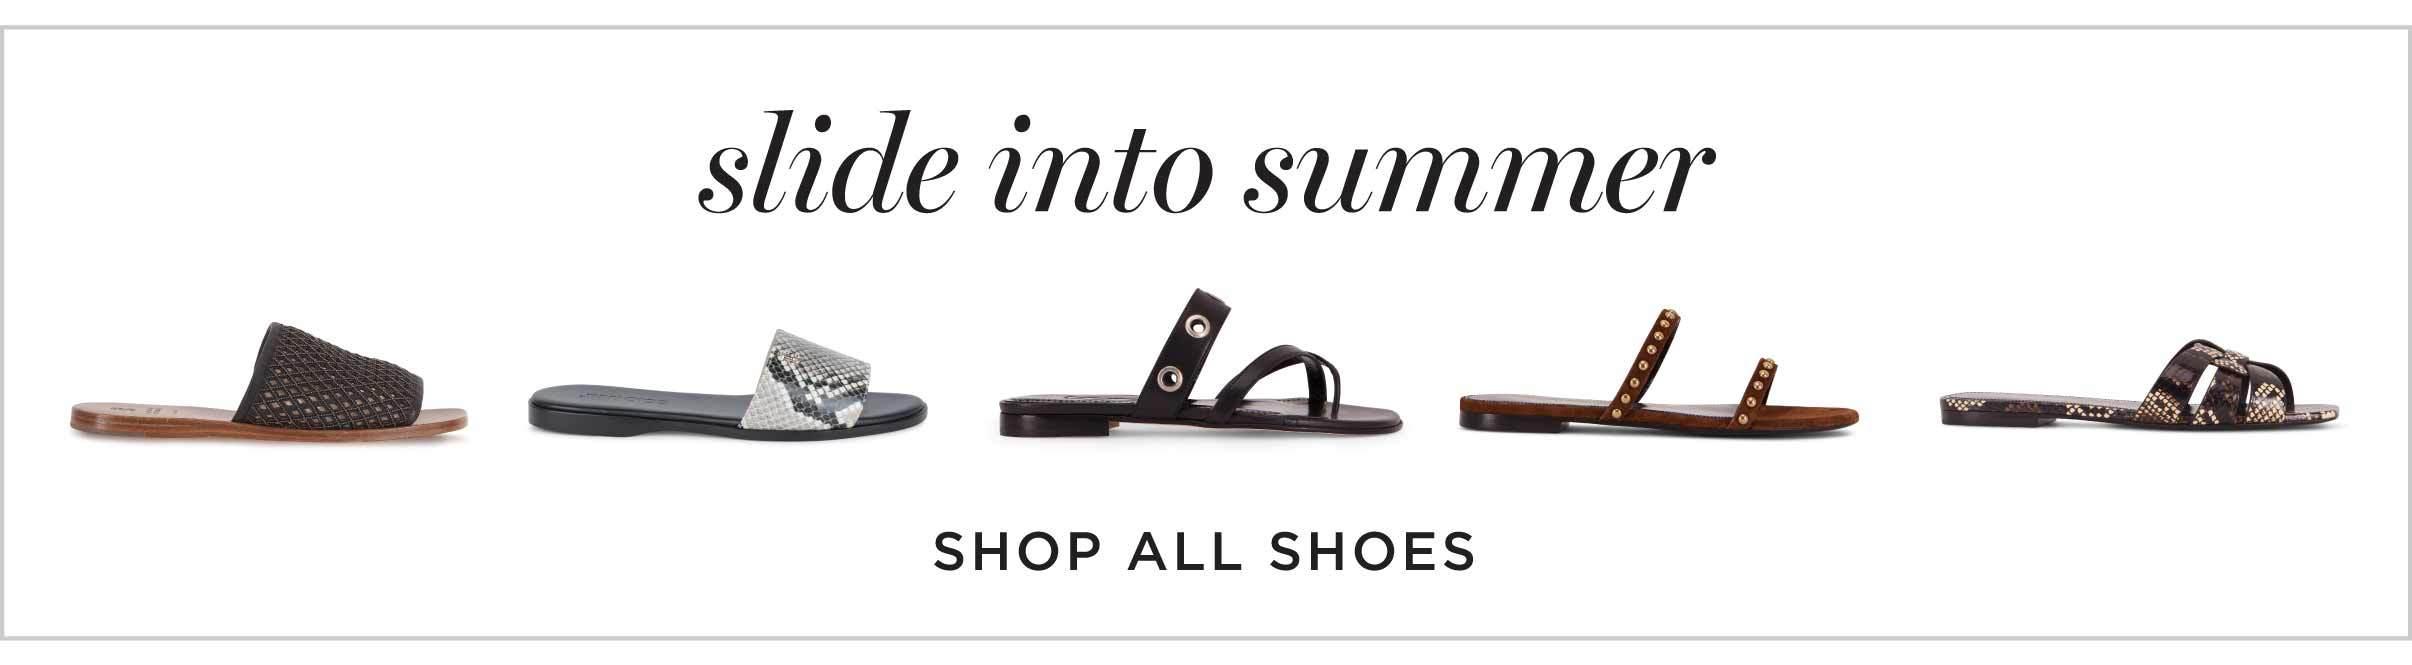 slide into summer